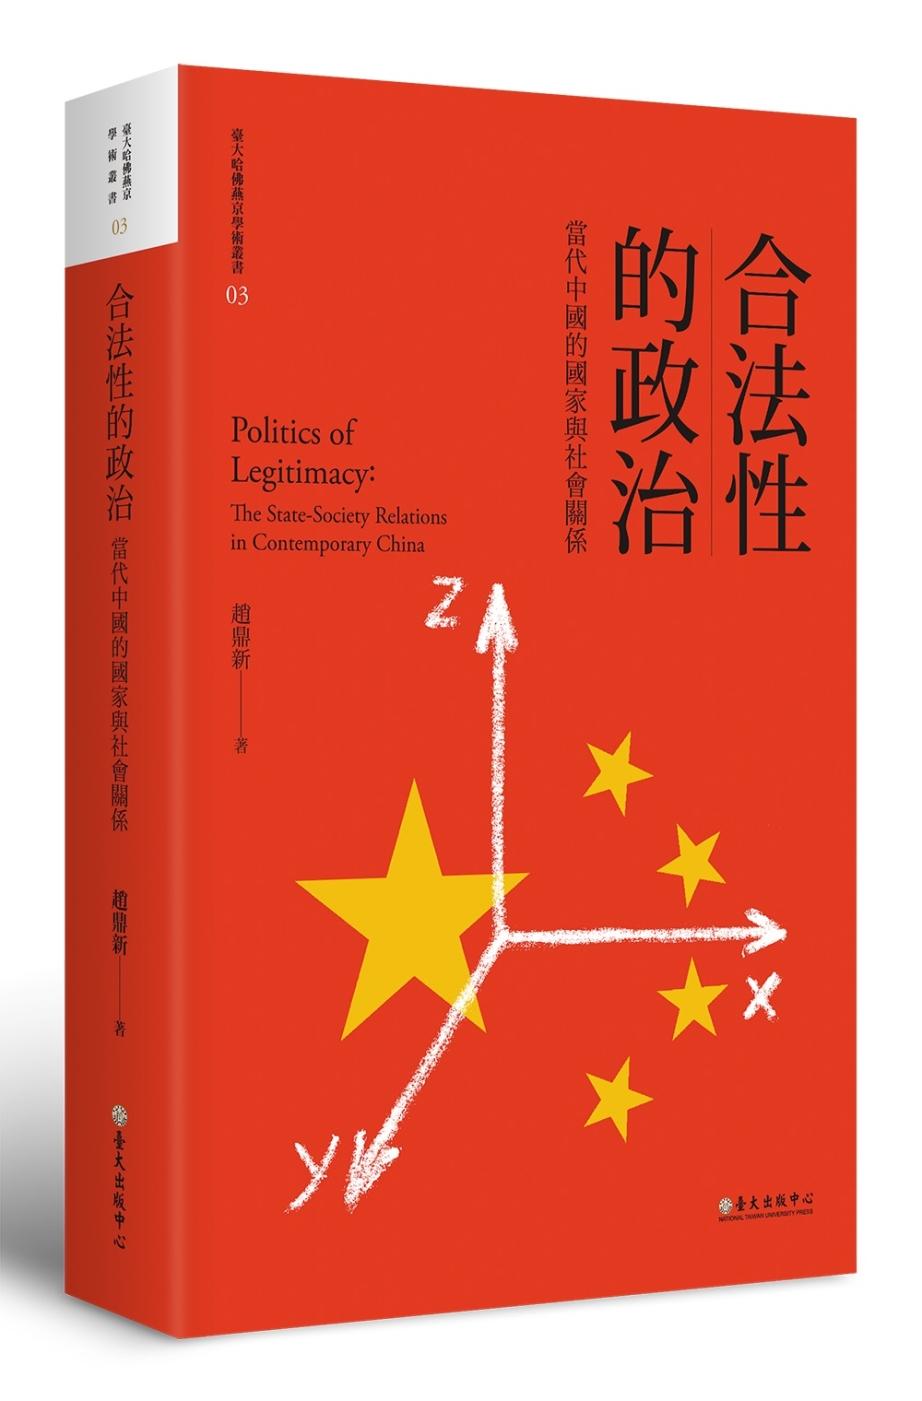 合法性的政治:當代中國的國家與社會關係【限量精裝版】